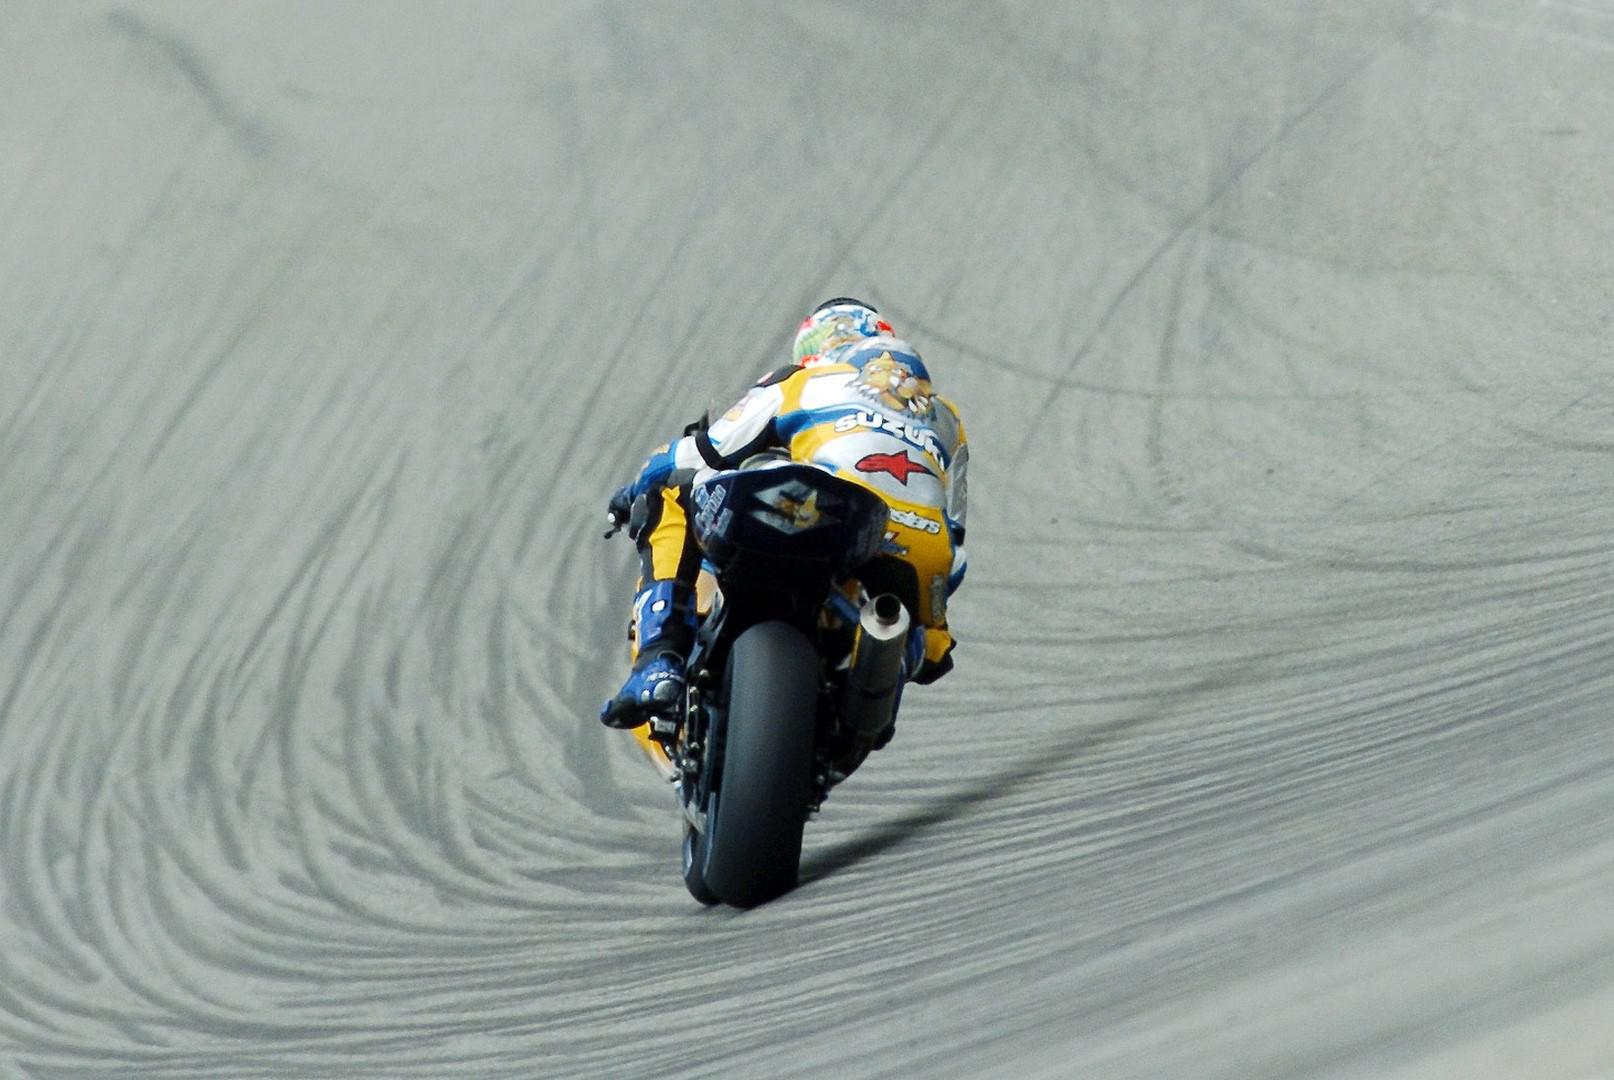 pirelli-fournisseur-officiel-pour-toutes-les-categories-du-championnat-du-monde-fim-superbike-jusqu-en-2023-1142-6.jpg